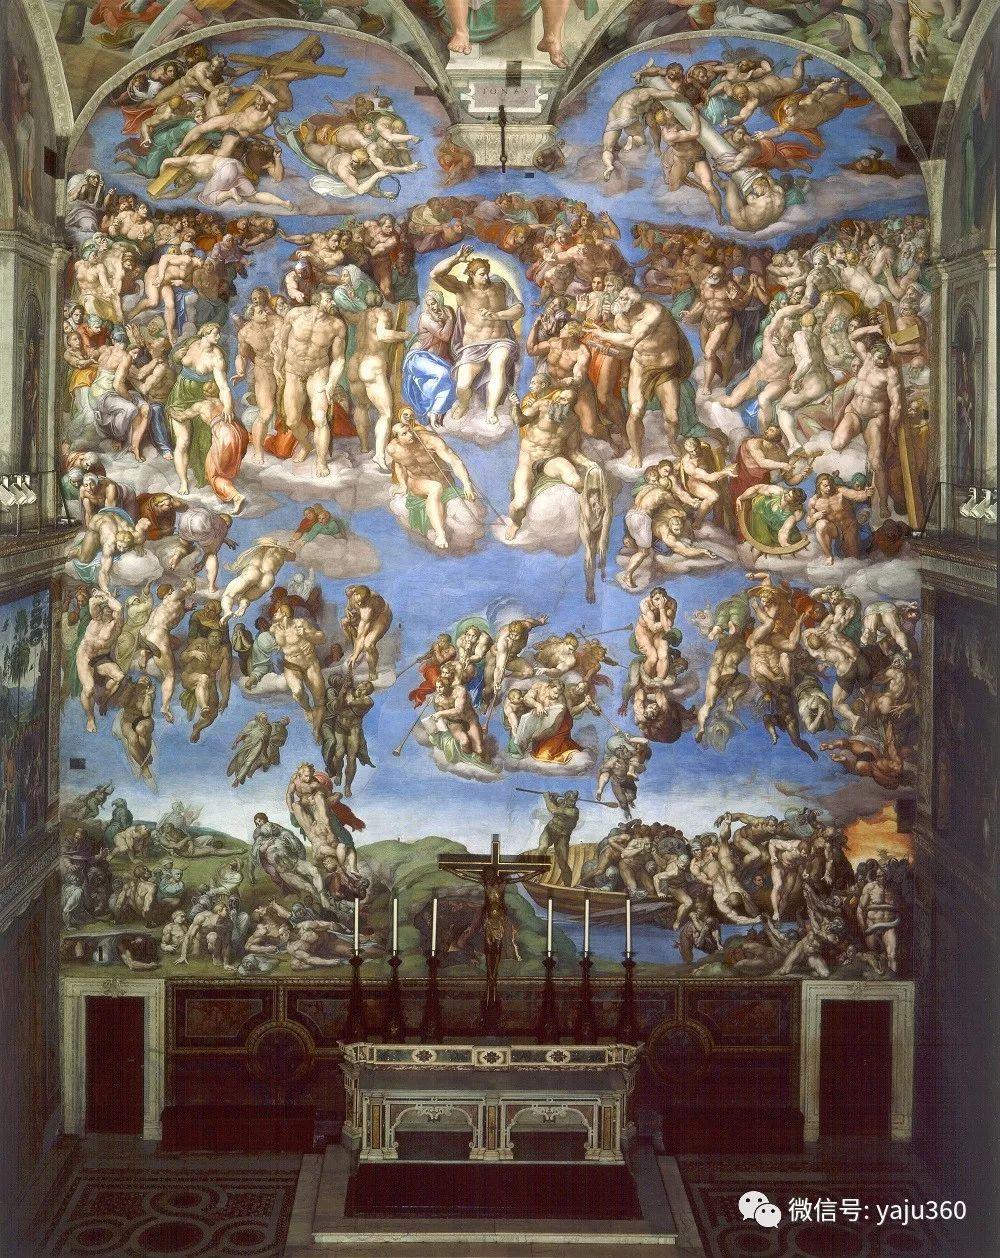 文艺复兴三杰 意大利画家Michelangelo插图15